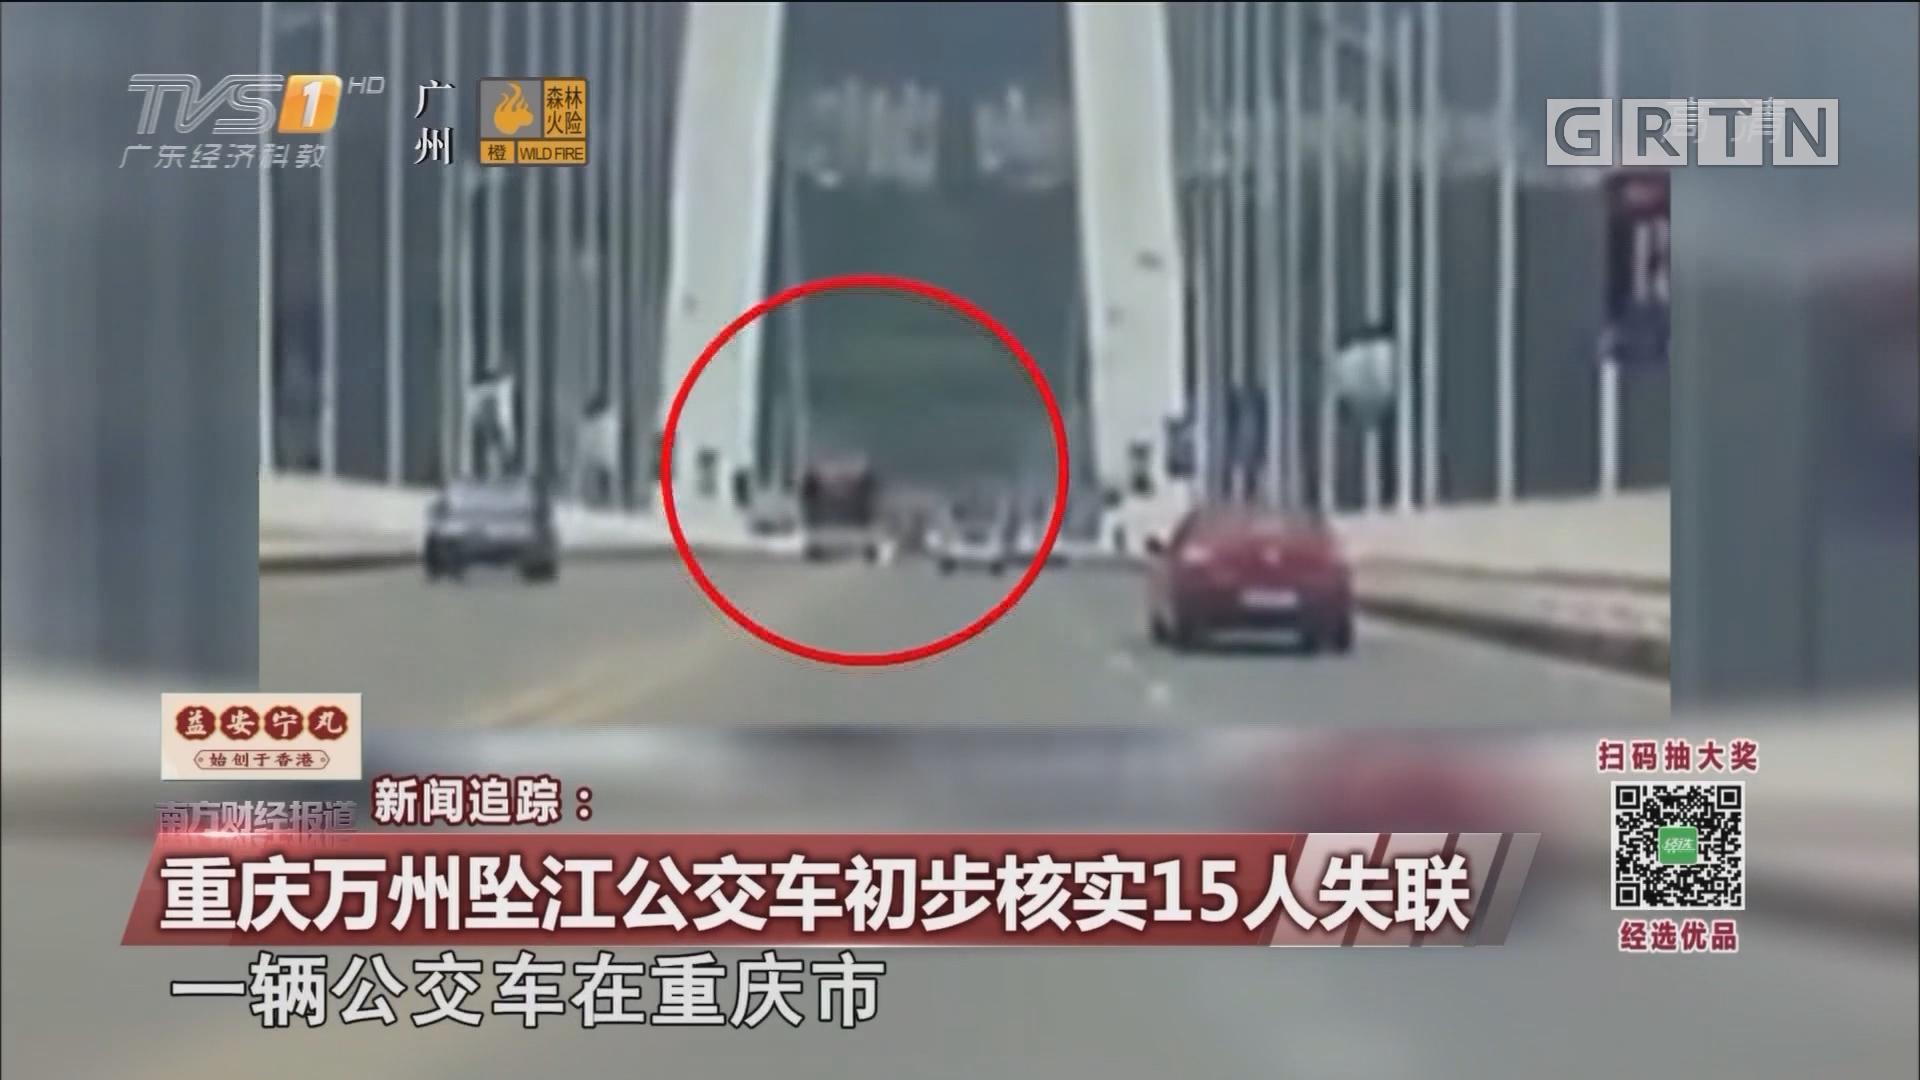 重庆万州坠江公交车初步核实15人失联